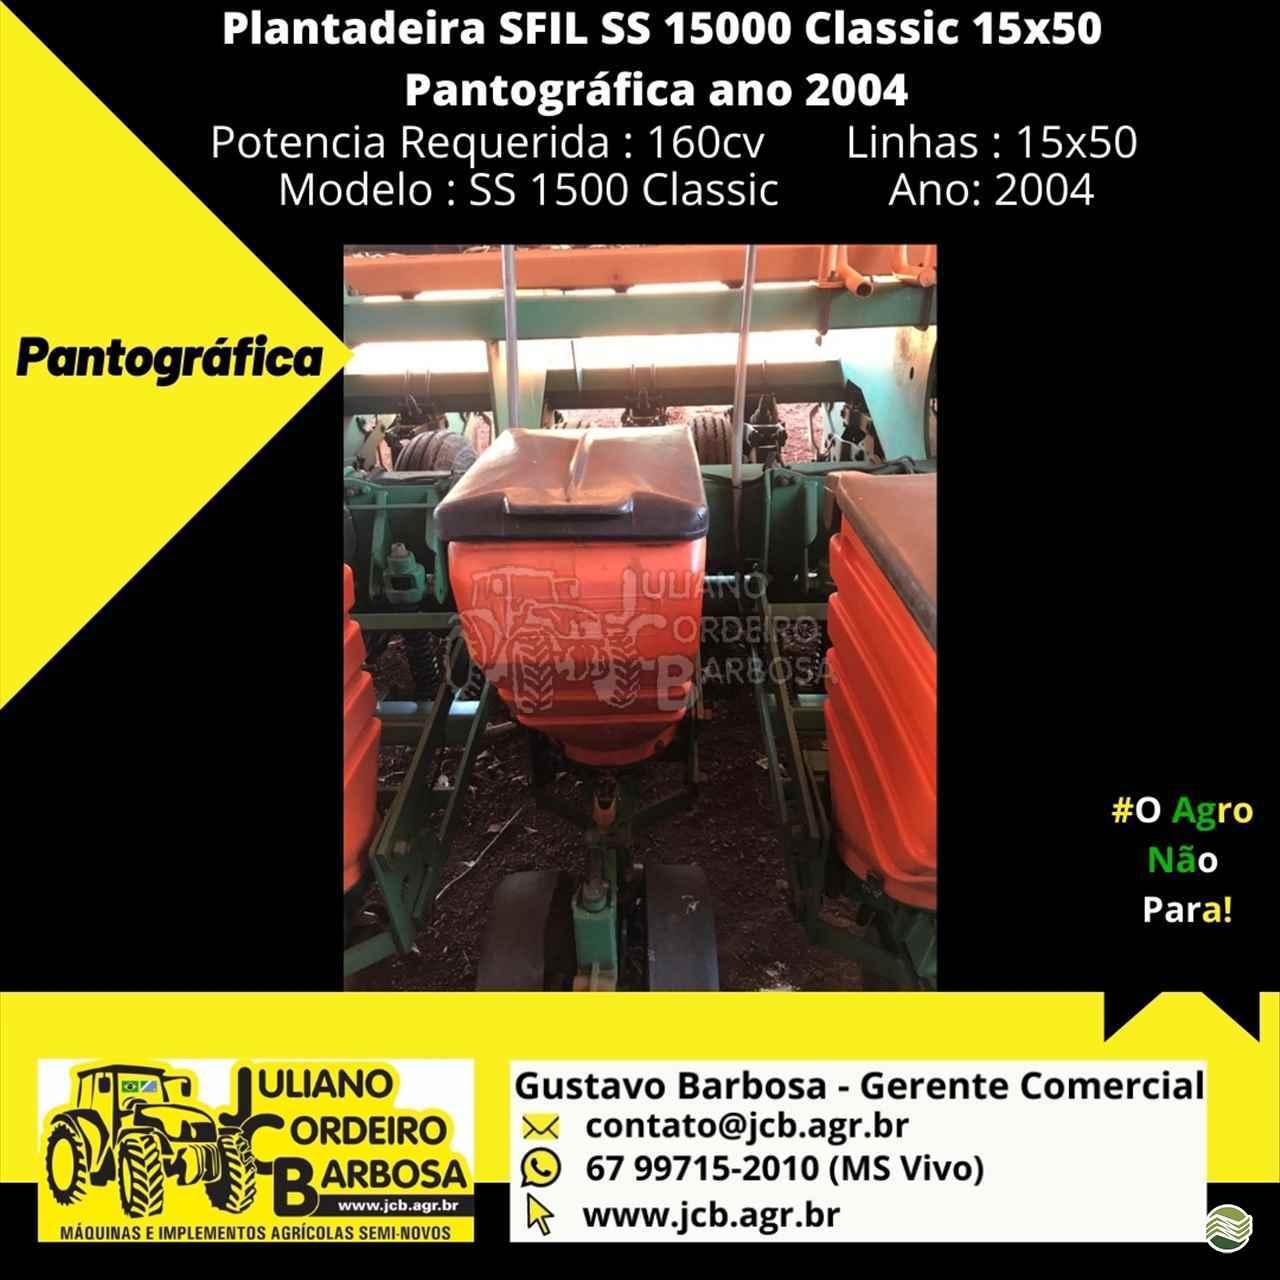 SFIL SFIL SS 15000  2004/2004 JCB Máquinas e Implementos Agrícolas